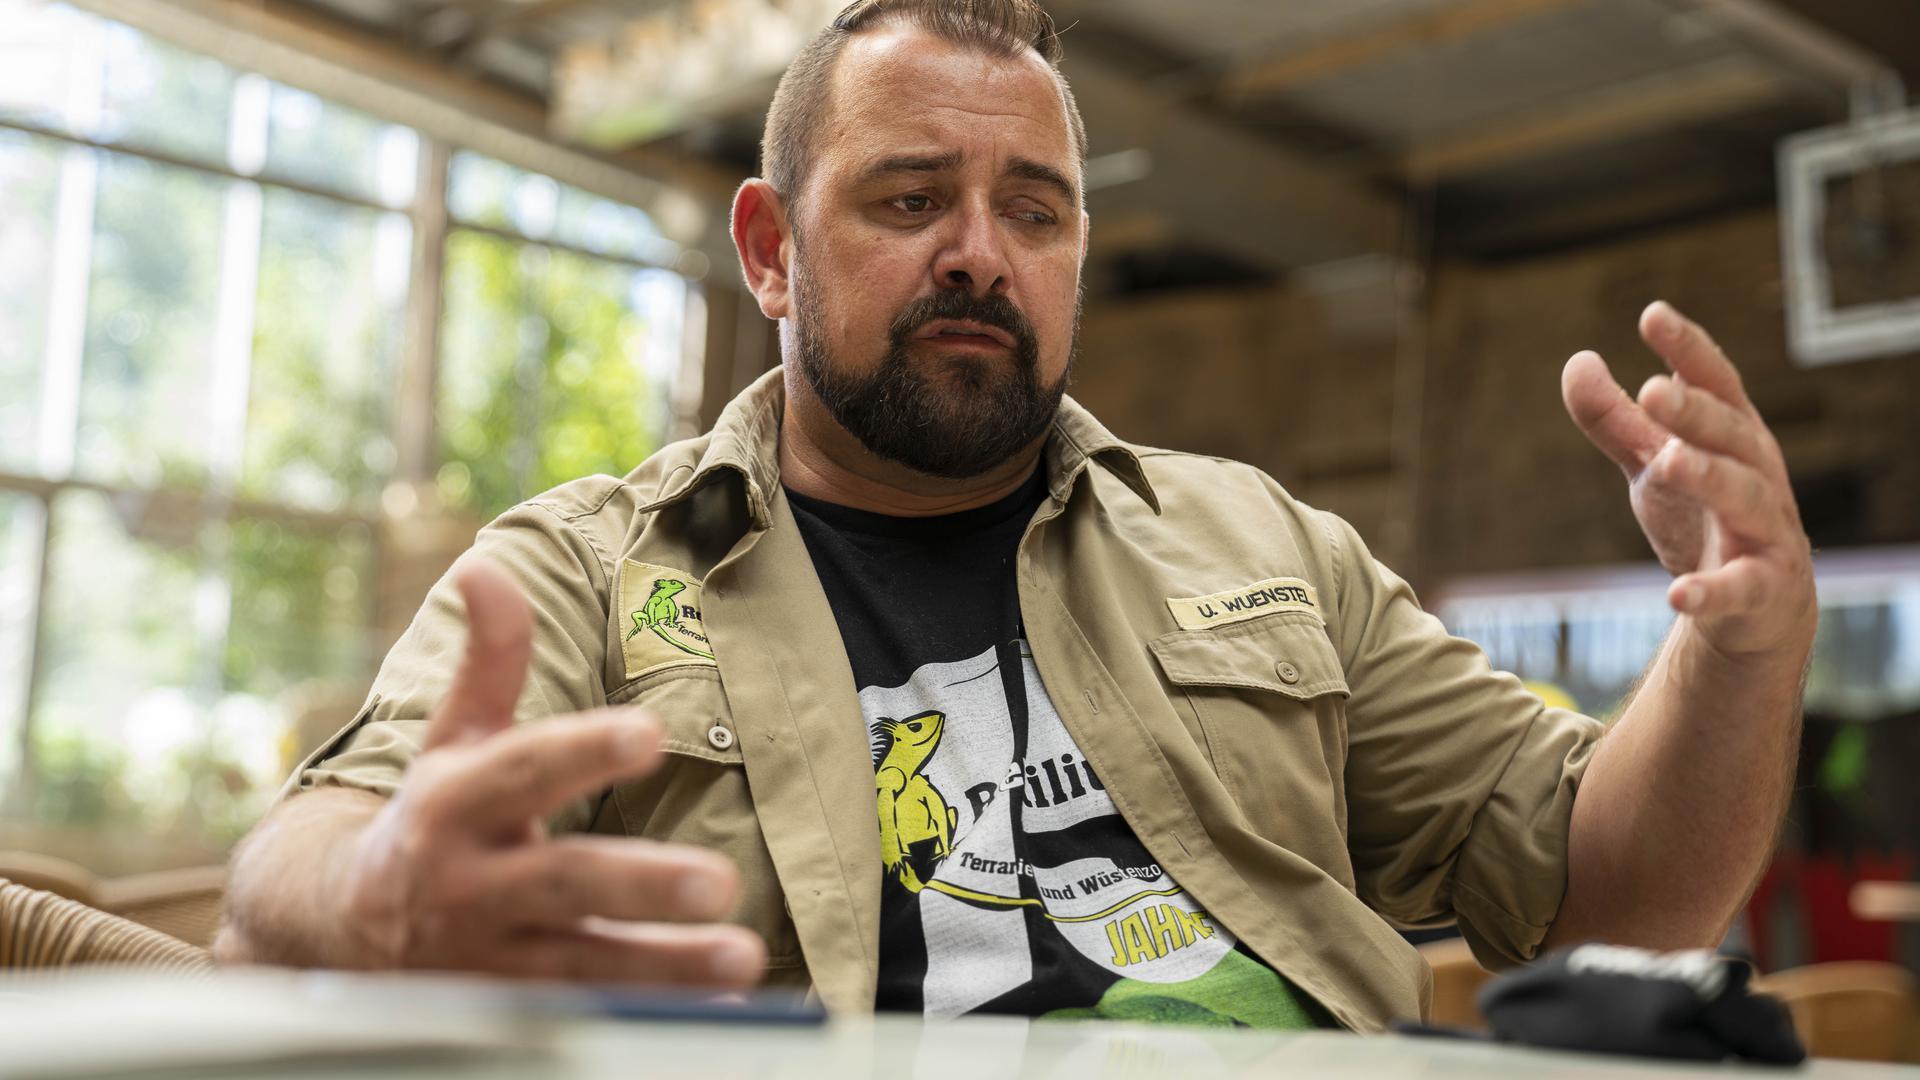 Uwe Wünstel, Geschäftsführer des Reptiliums, gilt als der Experte für Reptilien im Südwestdeutschen Raum.